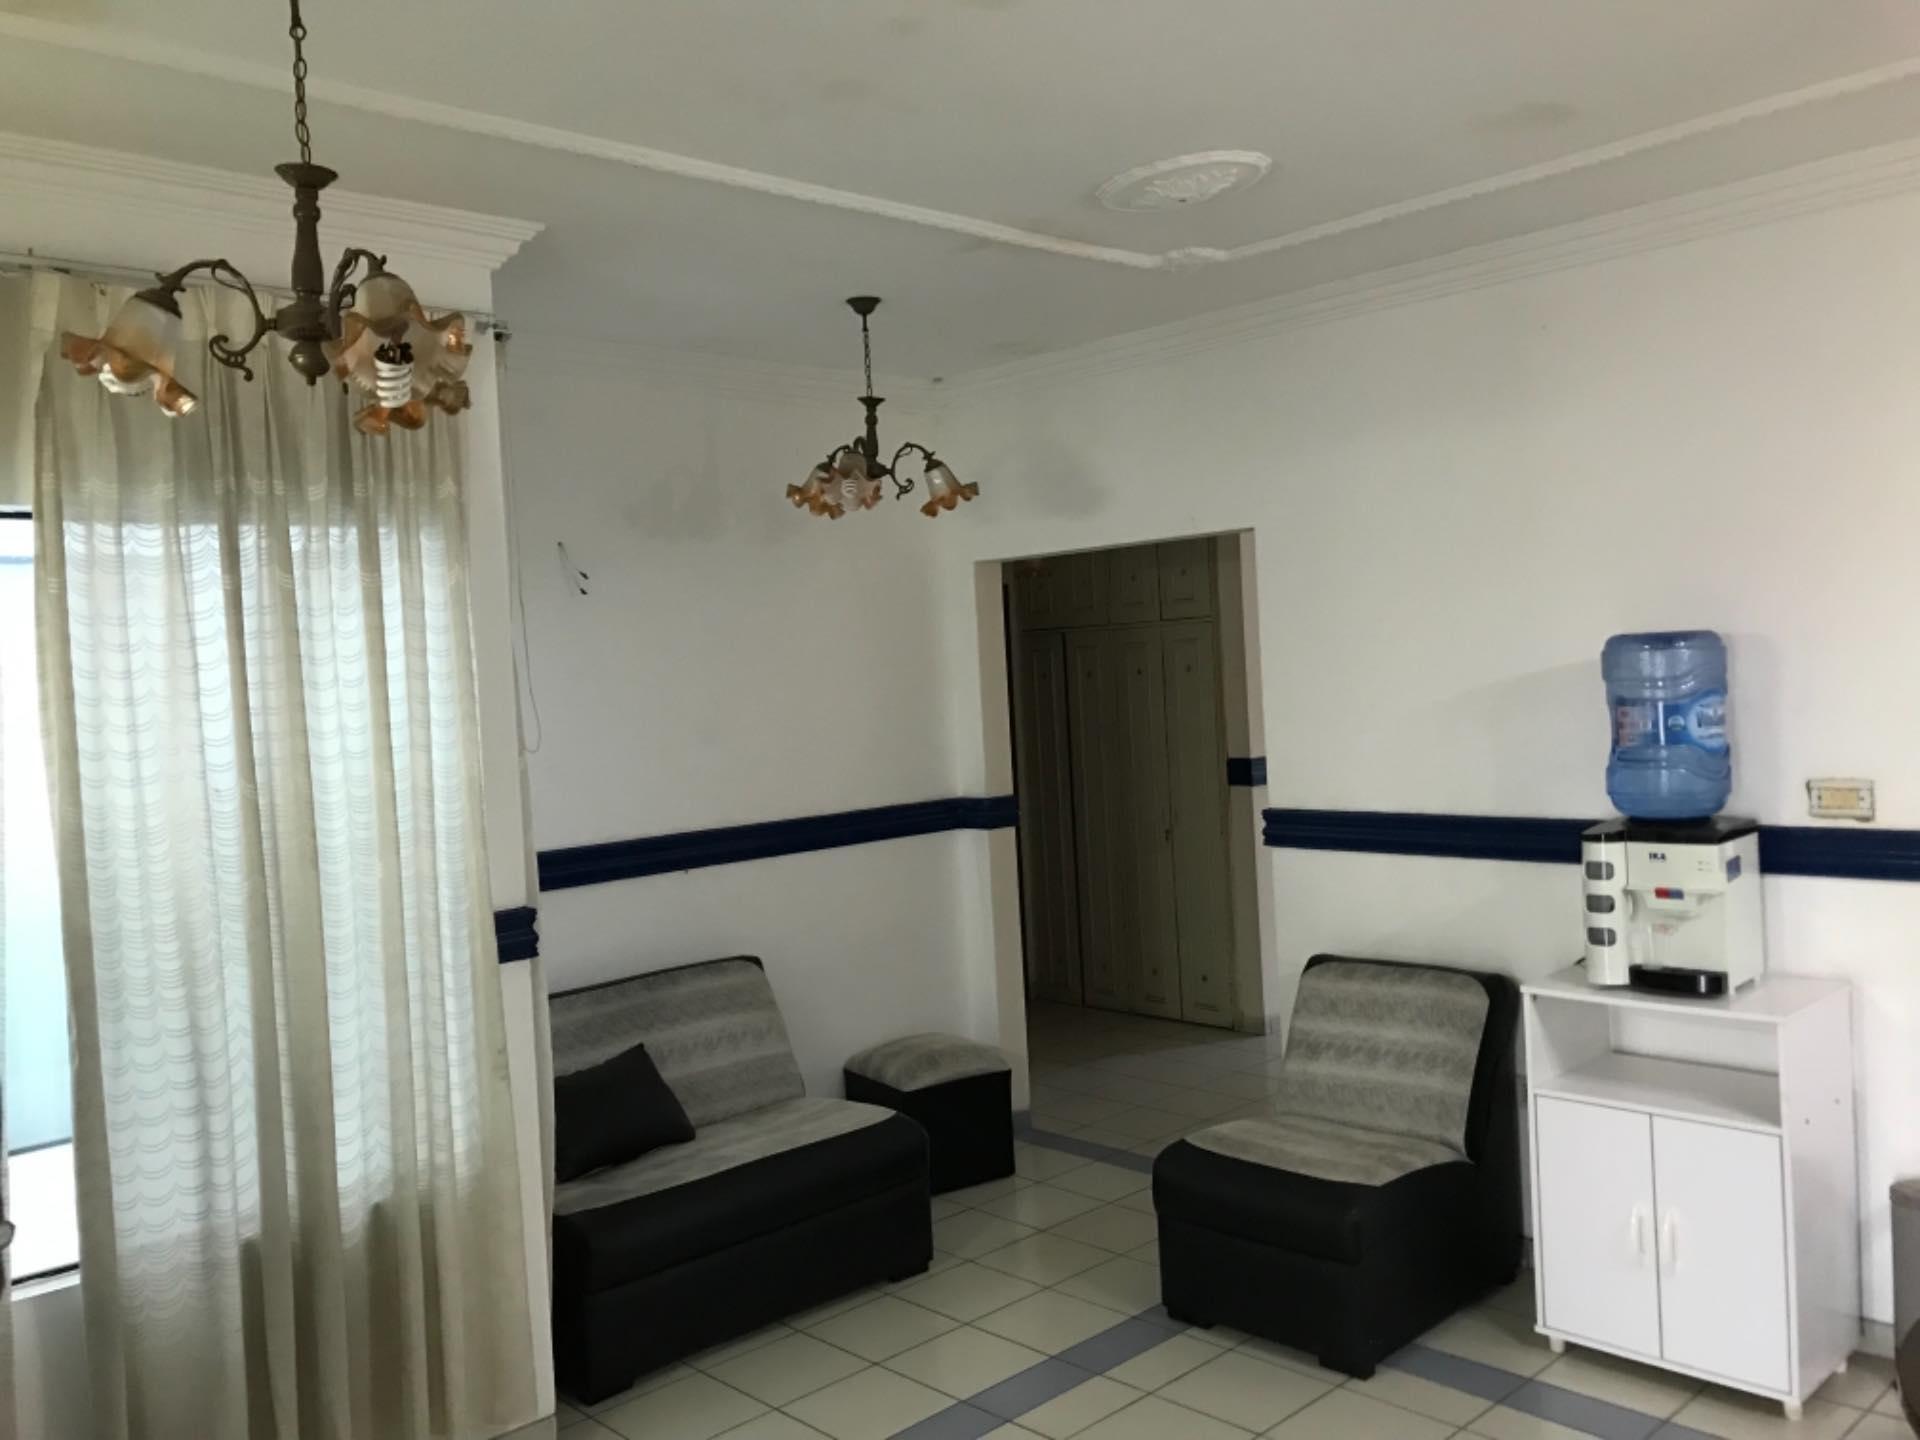 Casa en Alquiler Para empresa- Casa semi independiente - NORTE Foto 1